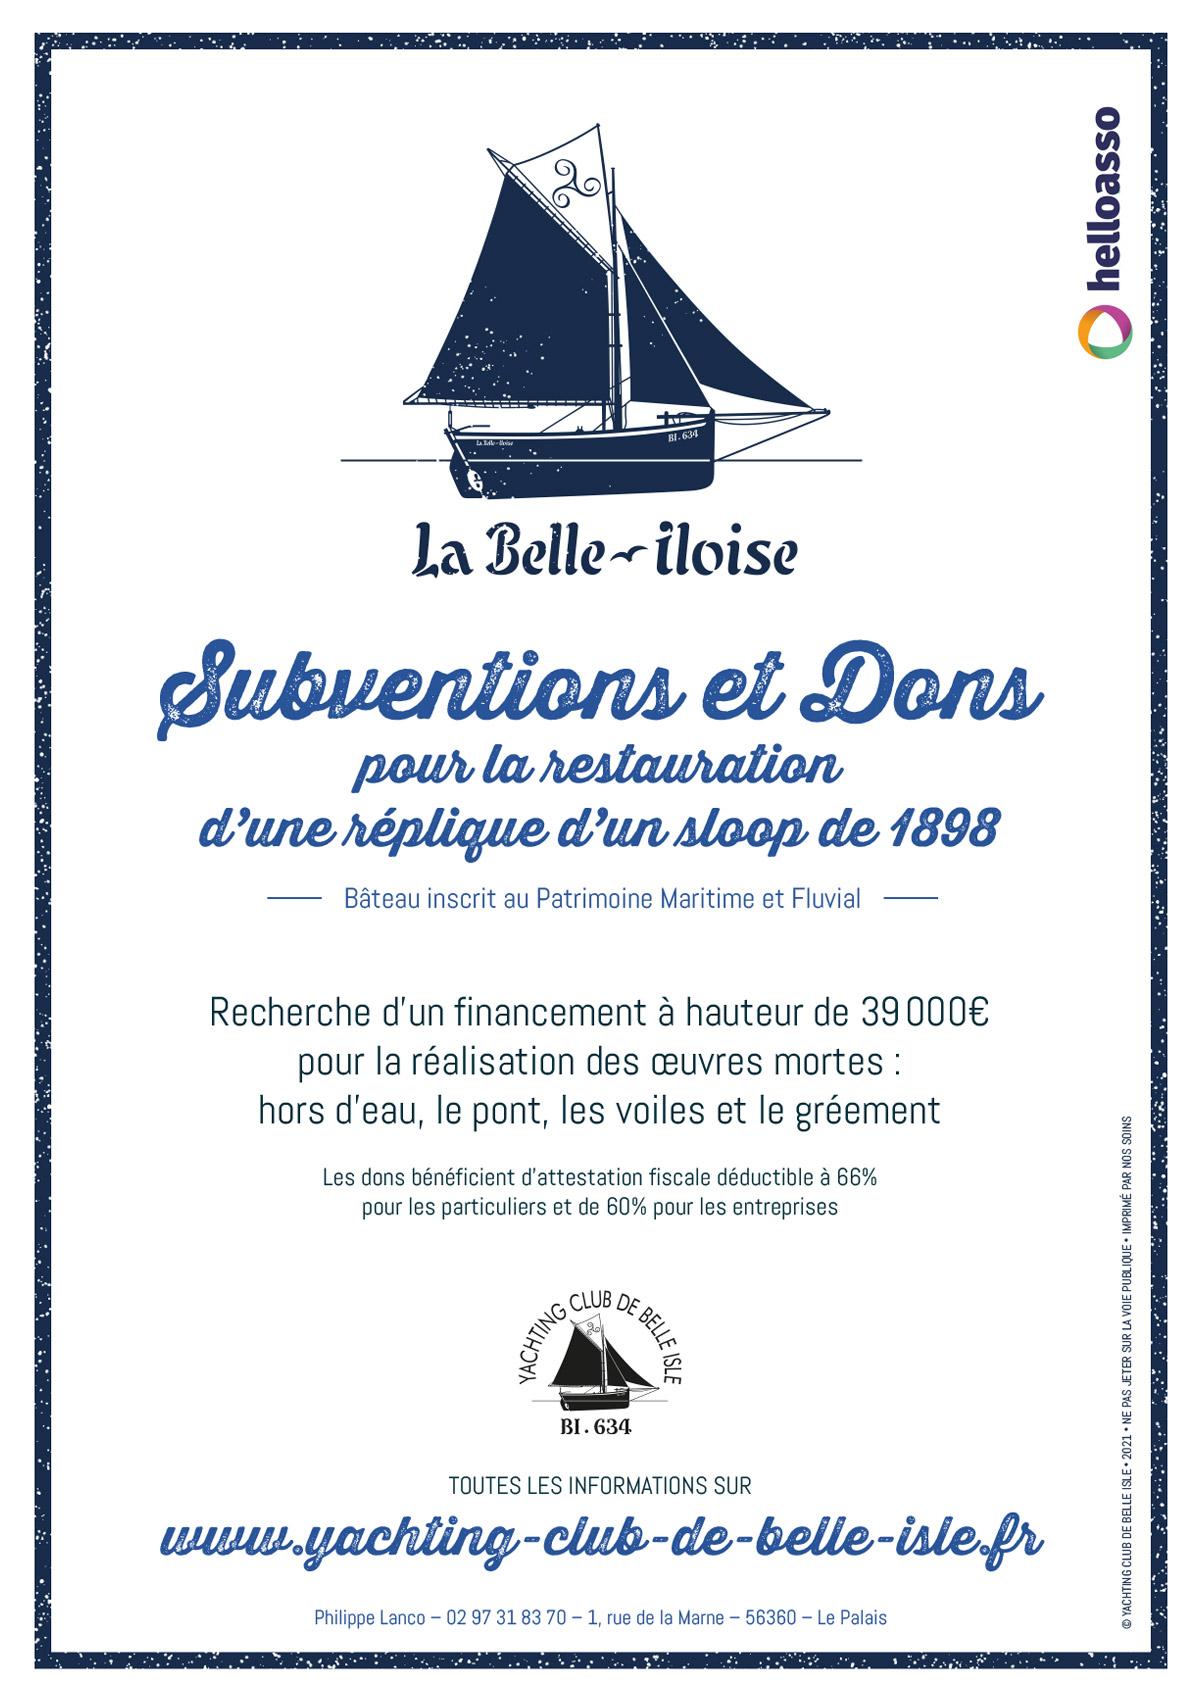 Affiche LA Belle Iloise 2021